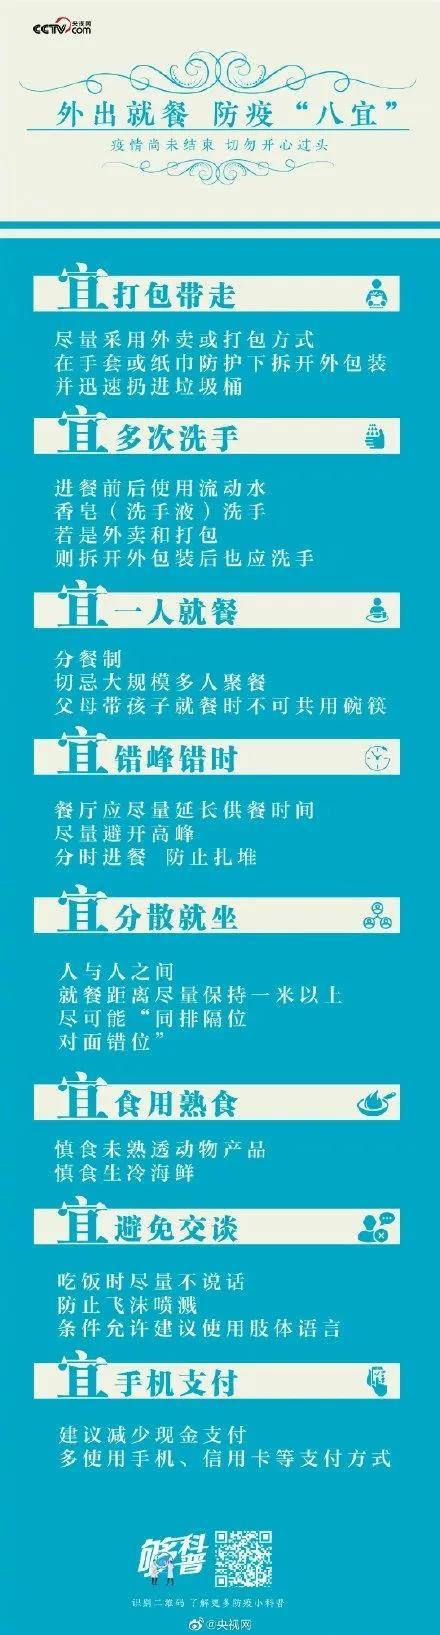 河南多地餐饮业逐步推进堂食就餐!禹州还会远吗!